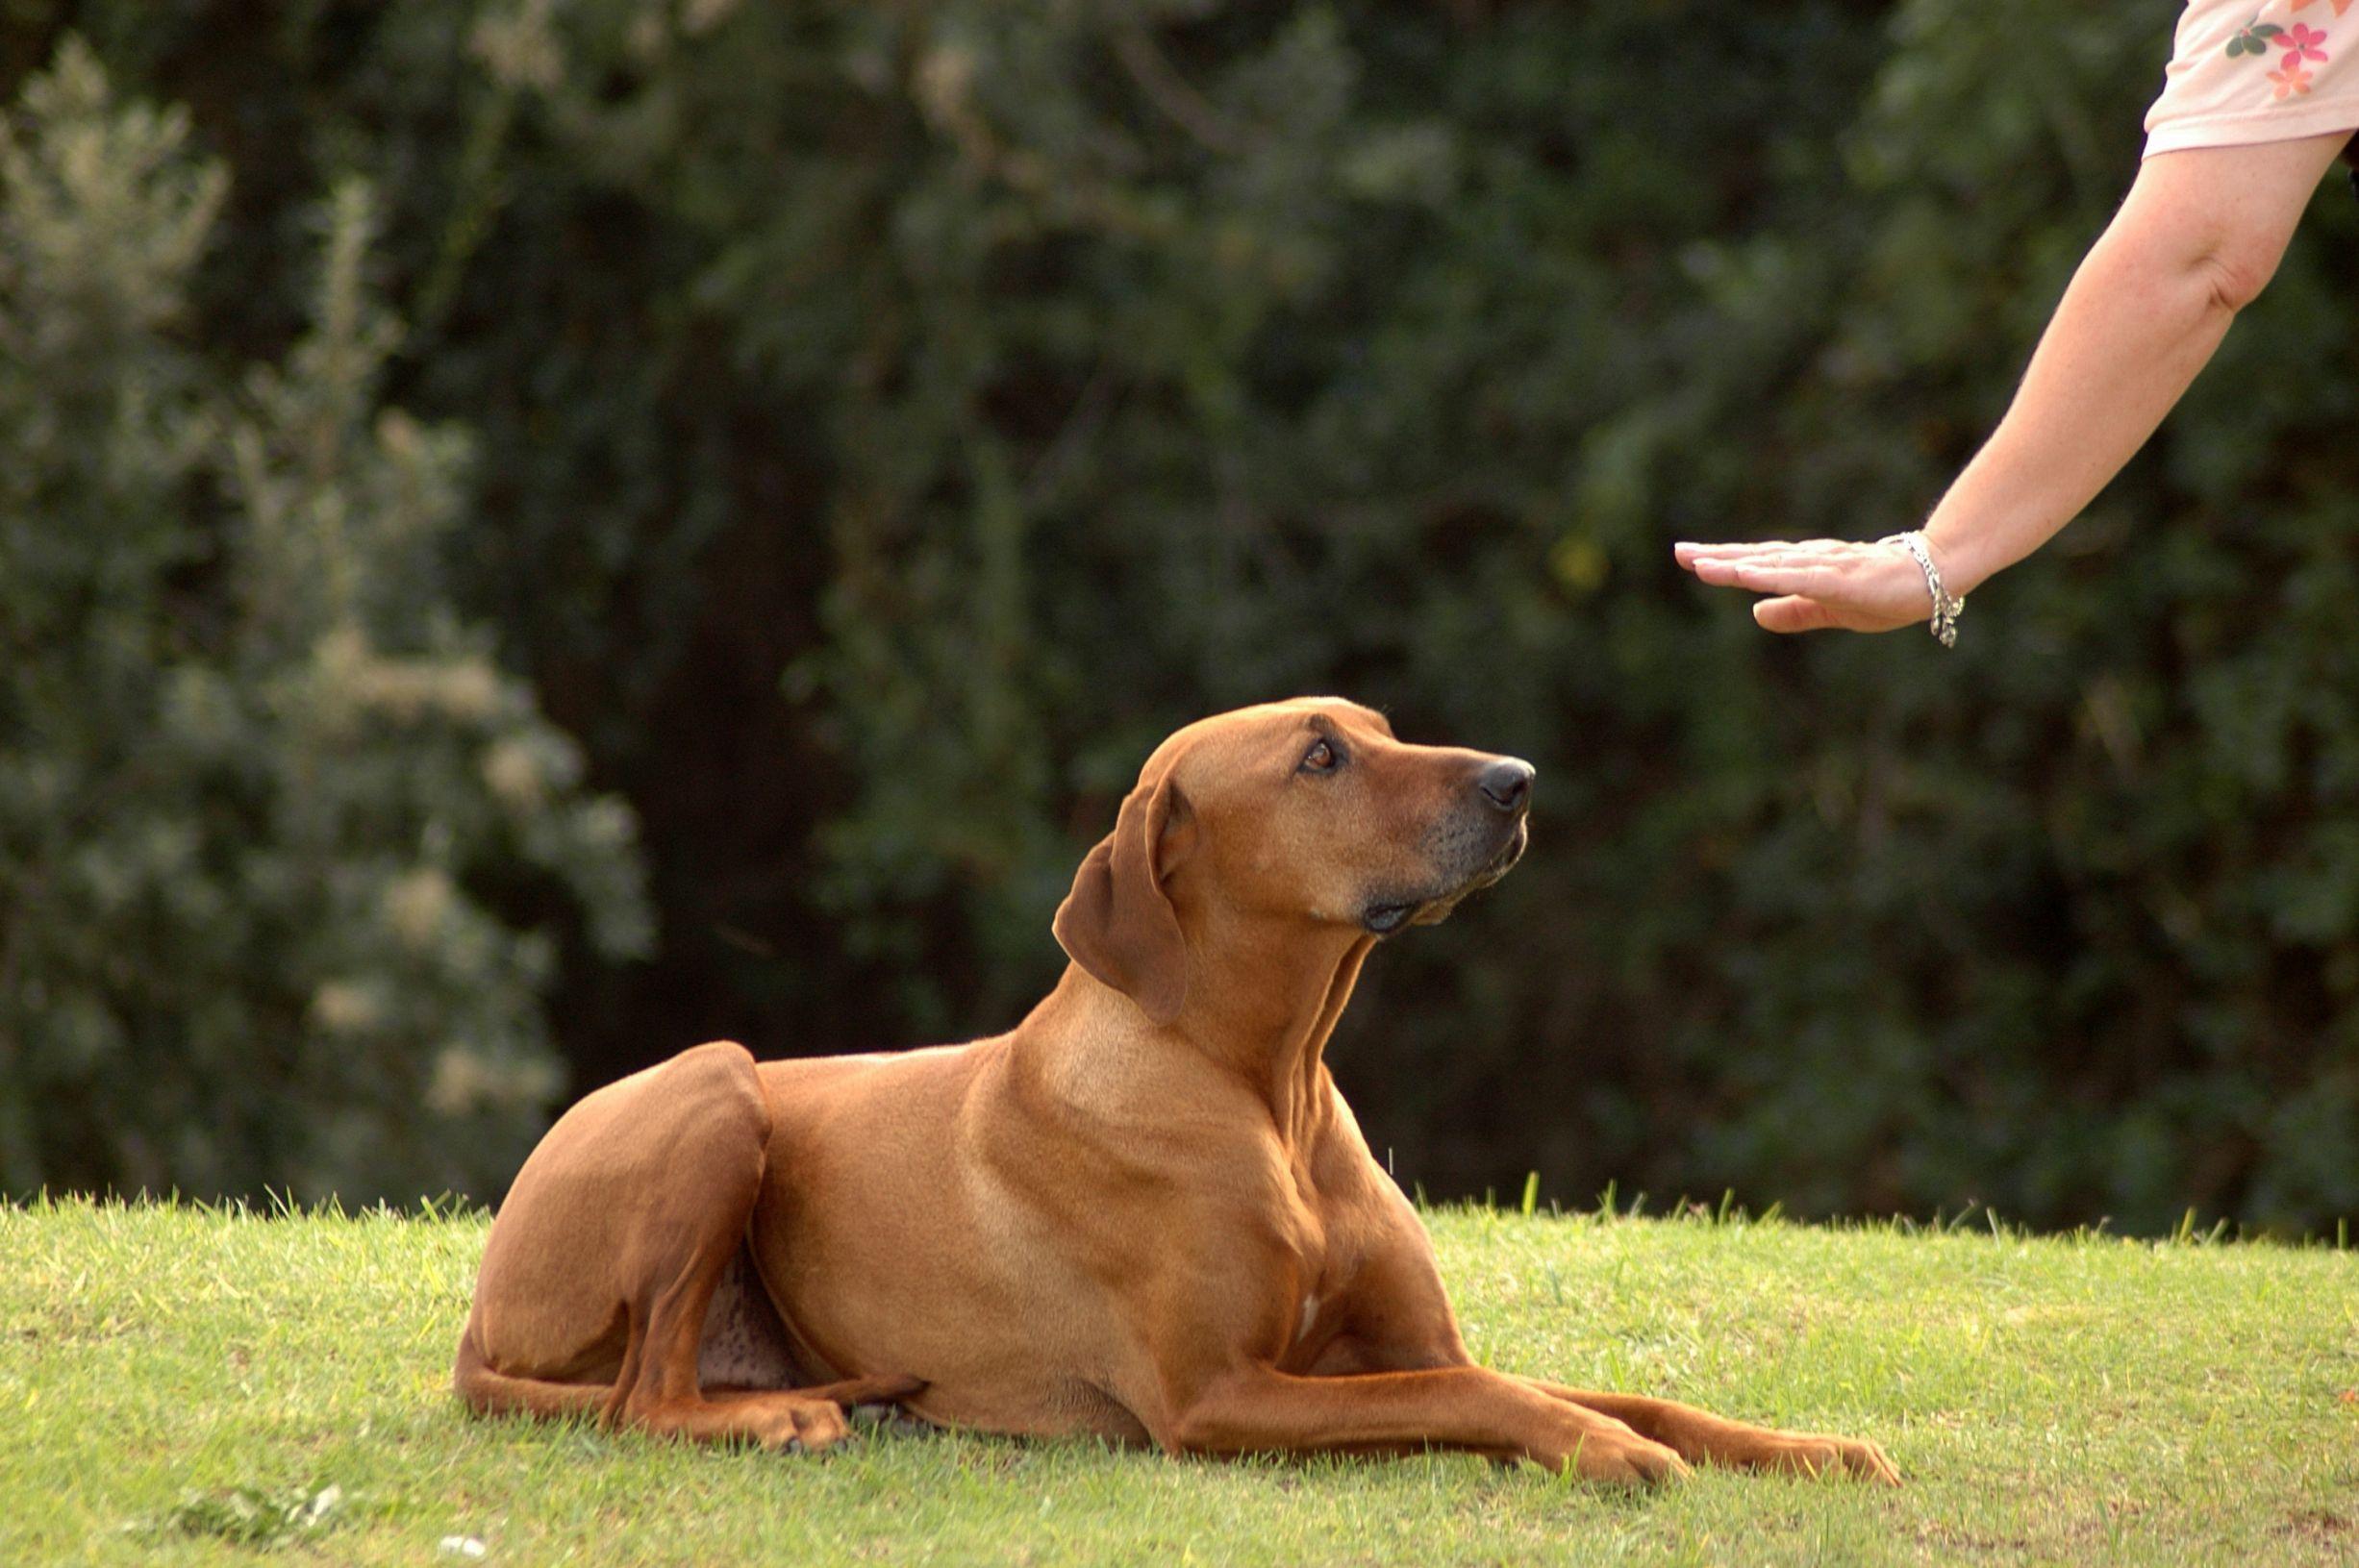 Você mesmo pode ensinar alguns truques para o seu cão, comandos simples como sentar, deitar e ficar podem te ajudar a controlar o seu cão cheio de energia!